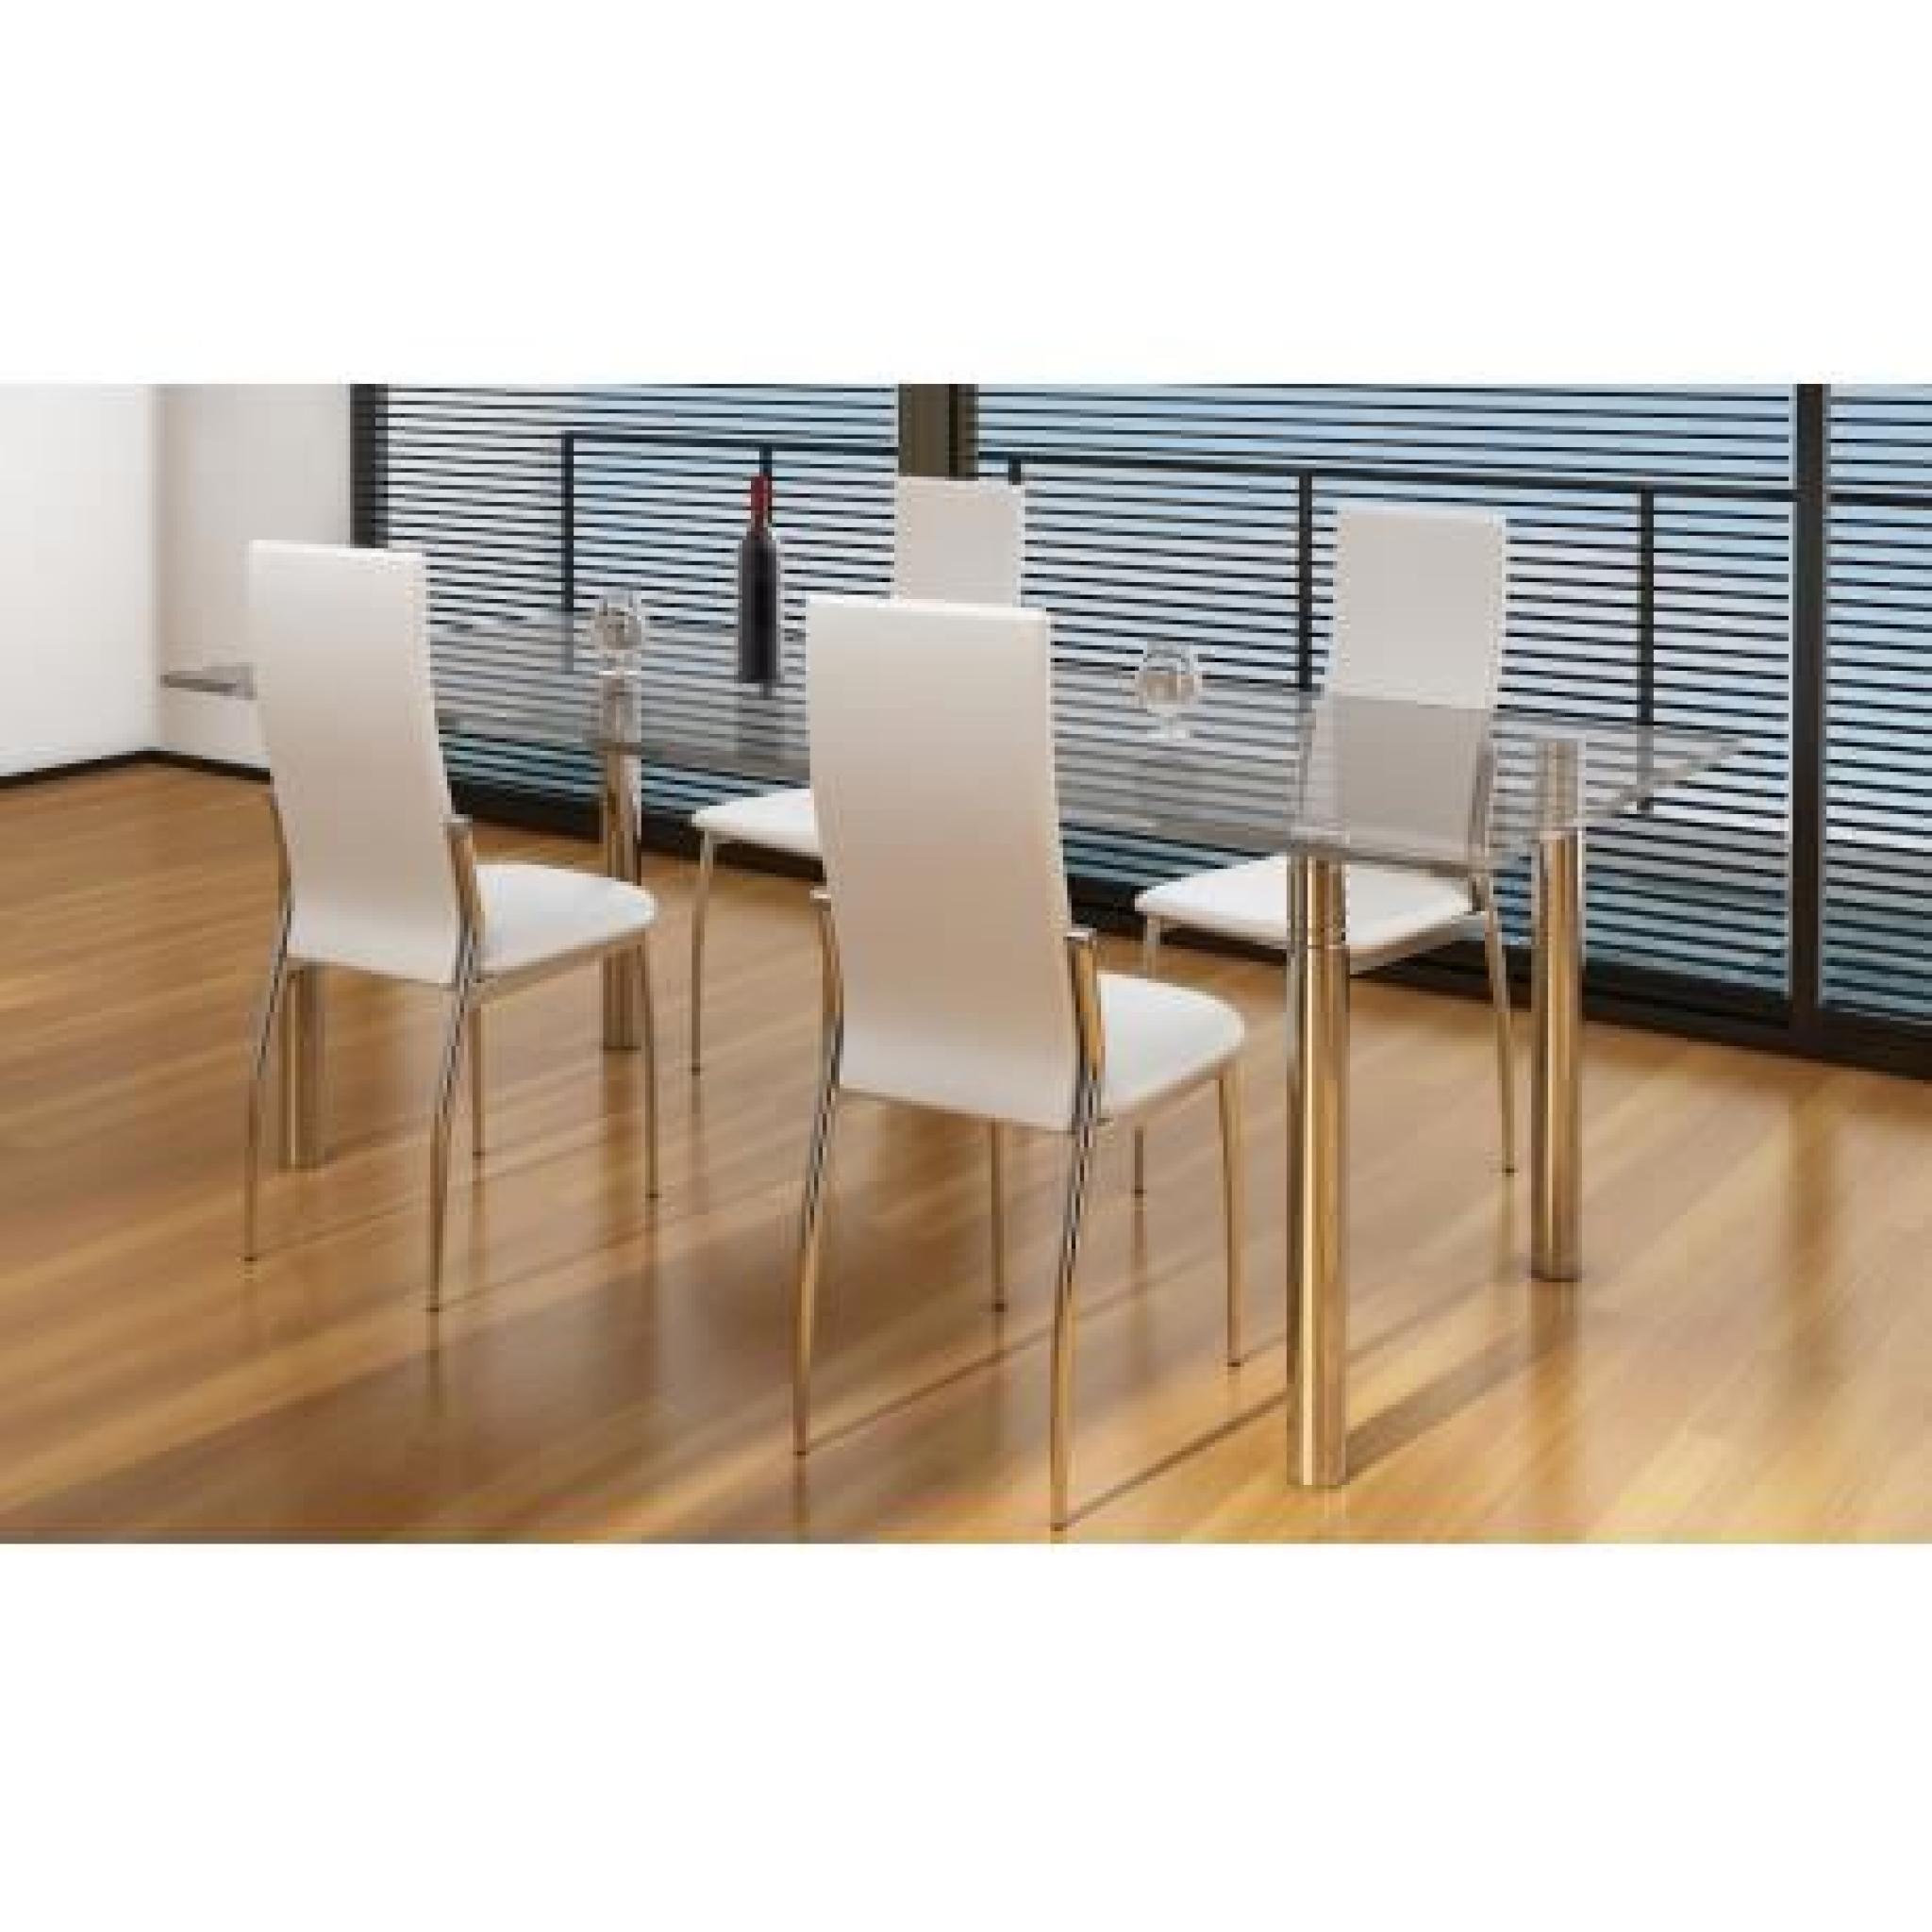 chaise de salle manger alu lot de 4 achat vente chaise salle a manger pas cher couleur. Black Bedroom Furniture Sets. Home Design Ideas